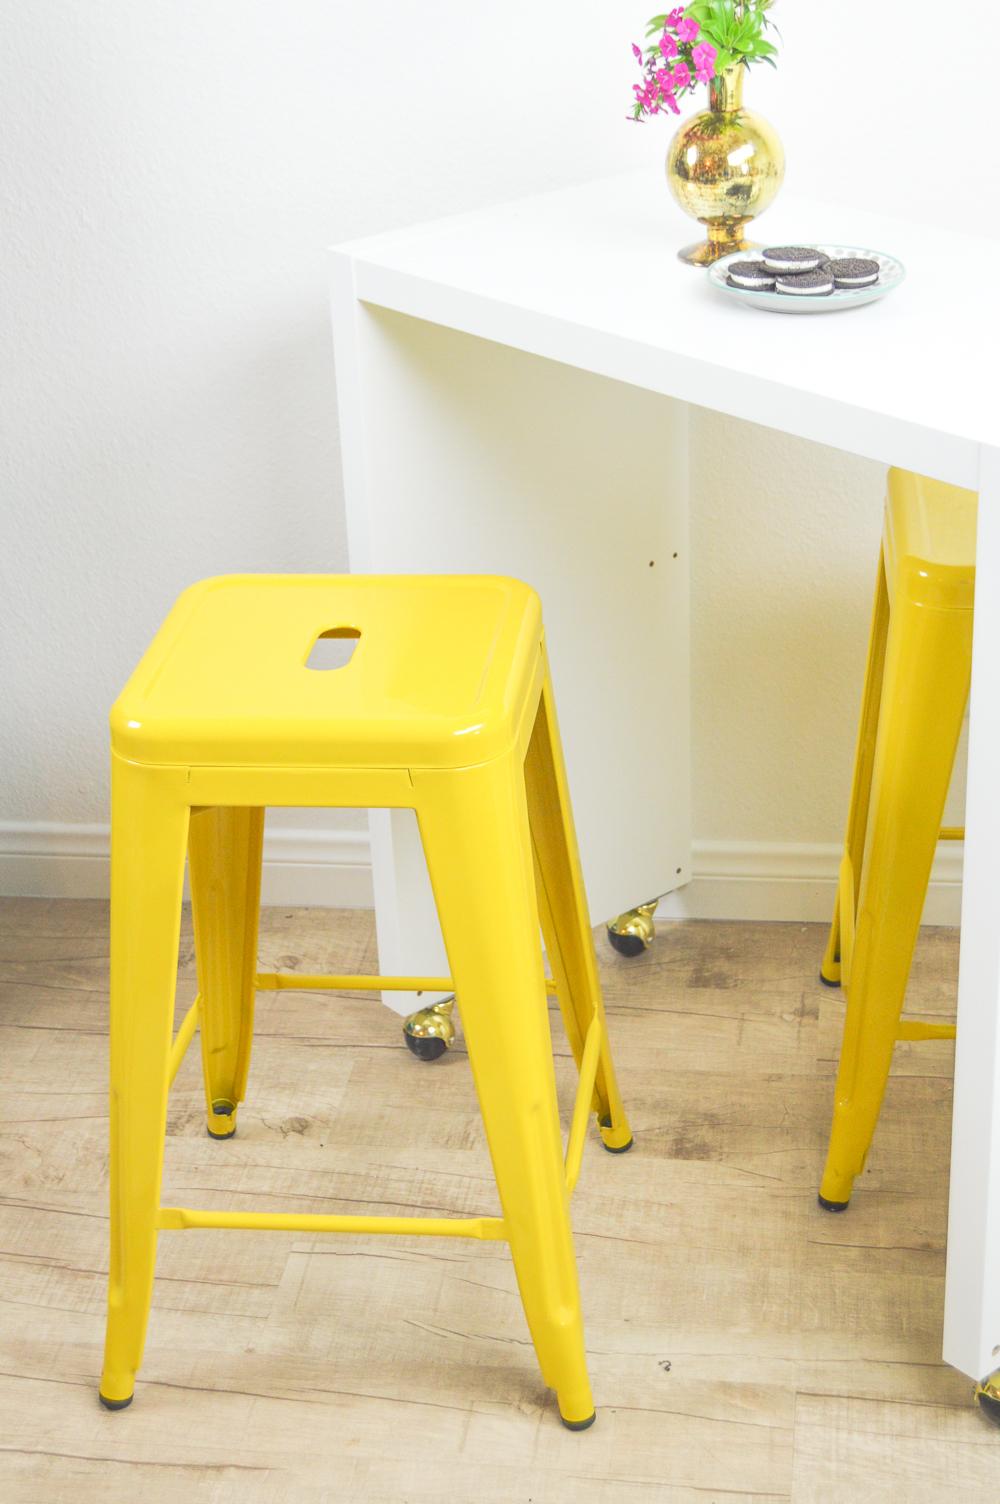 diy rolling kitchen island or bar ikea hack rolling kitchen chairs IKEA Hack Rolling Kitchen Island or Bar www clubcrafted com